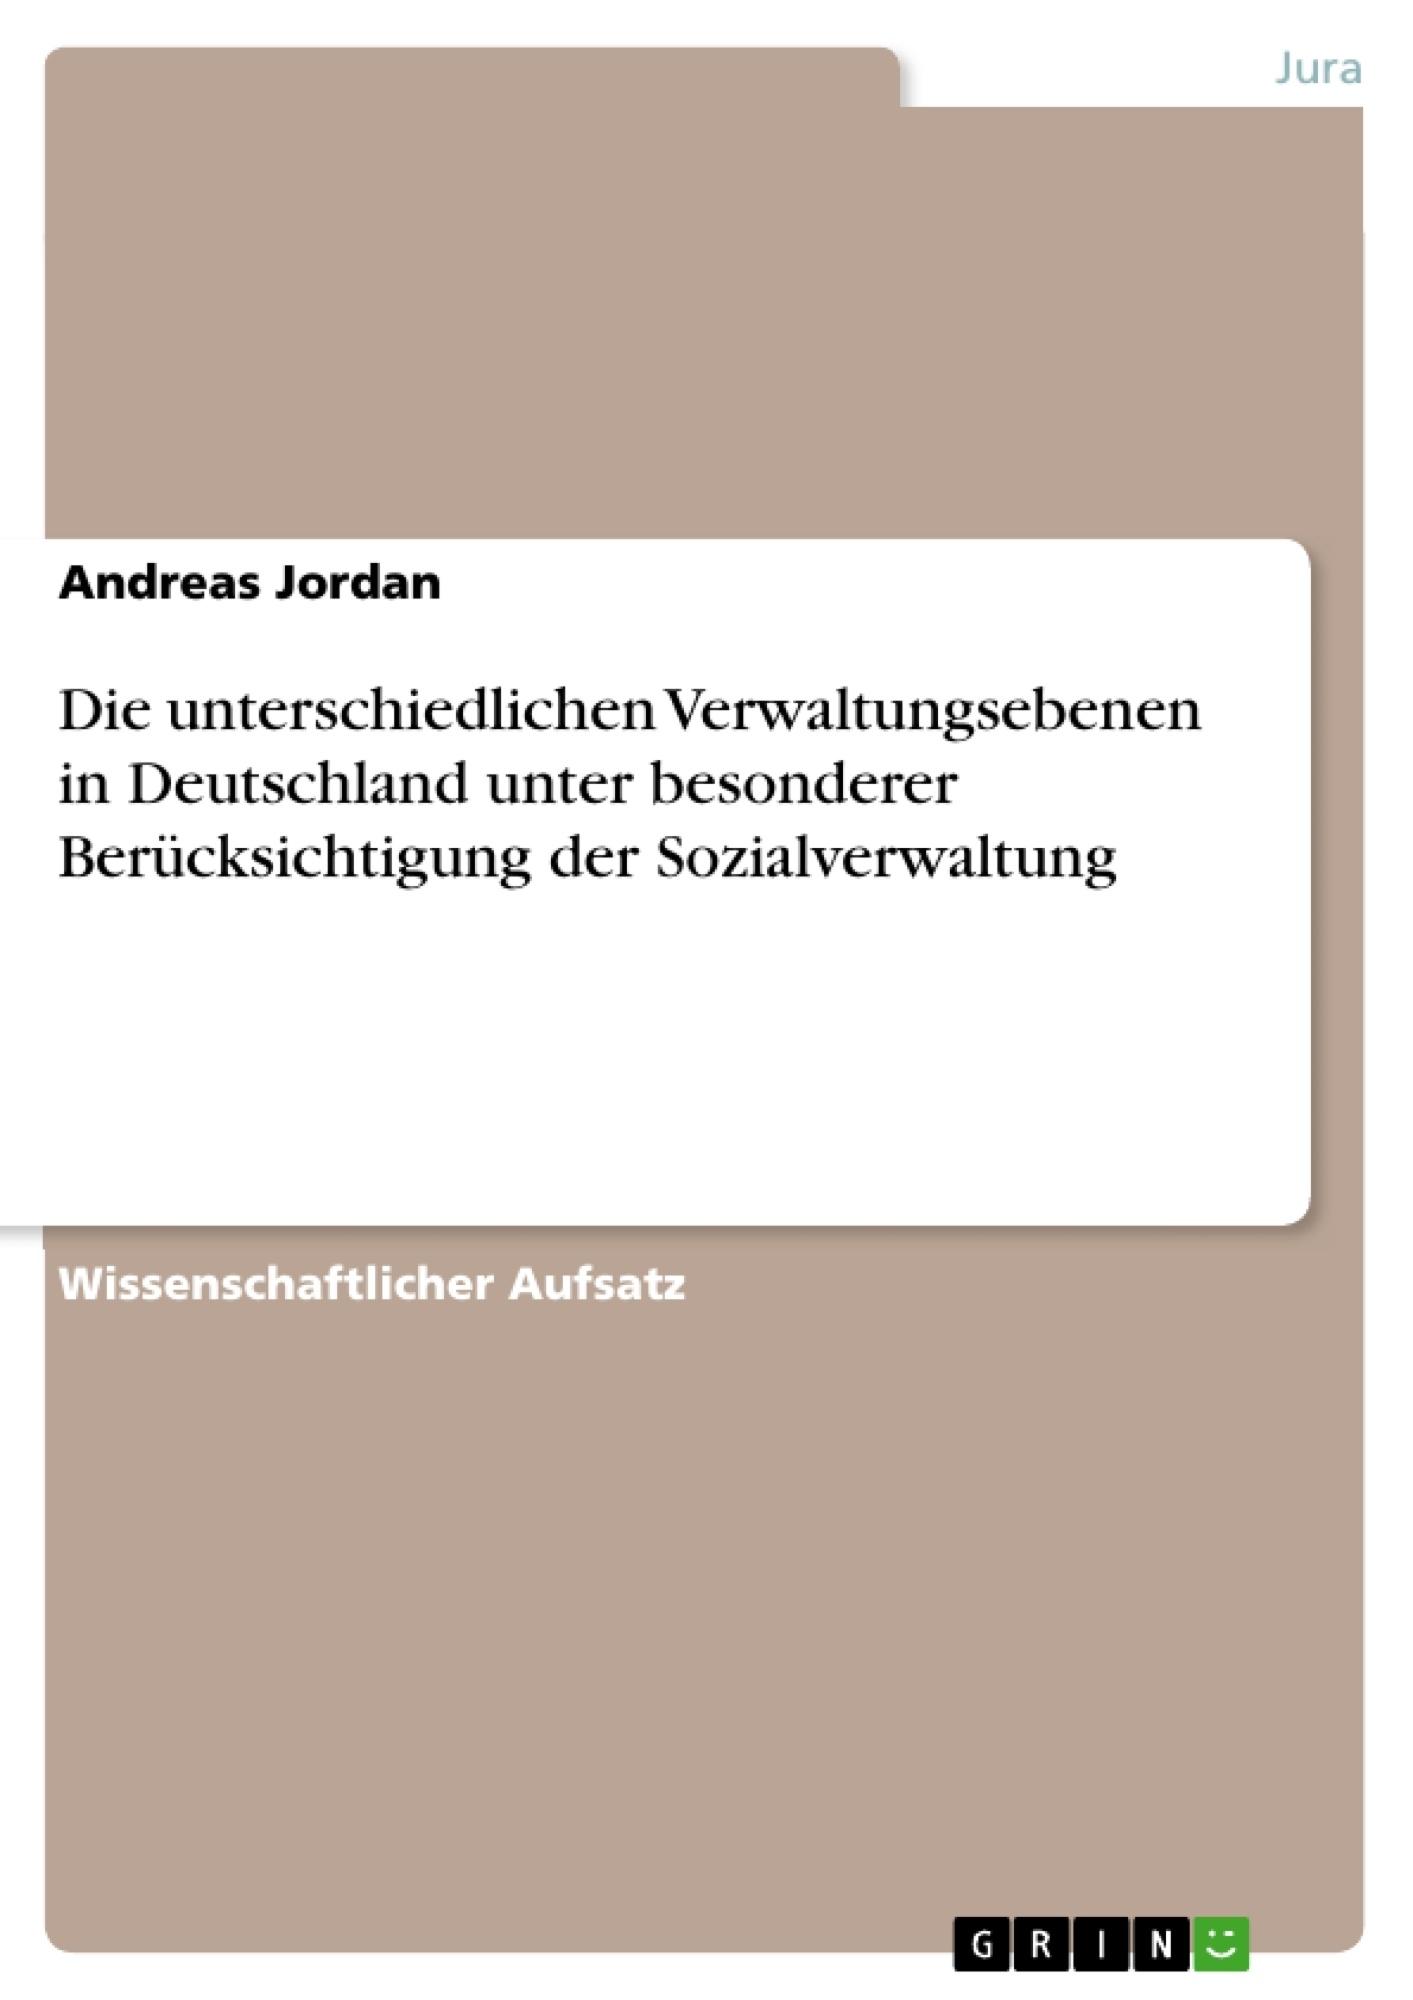 Titel: Die unterschiedlichen Verwaltungsebenen in Deutschland unter besonderer Berücksichtigung der Sozialverwaltung